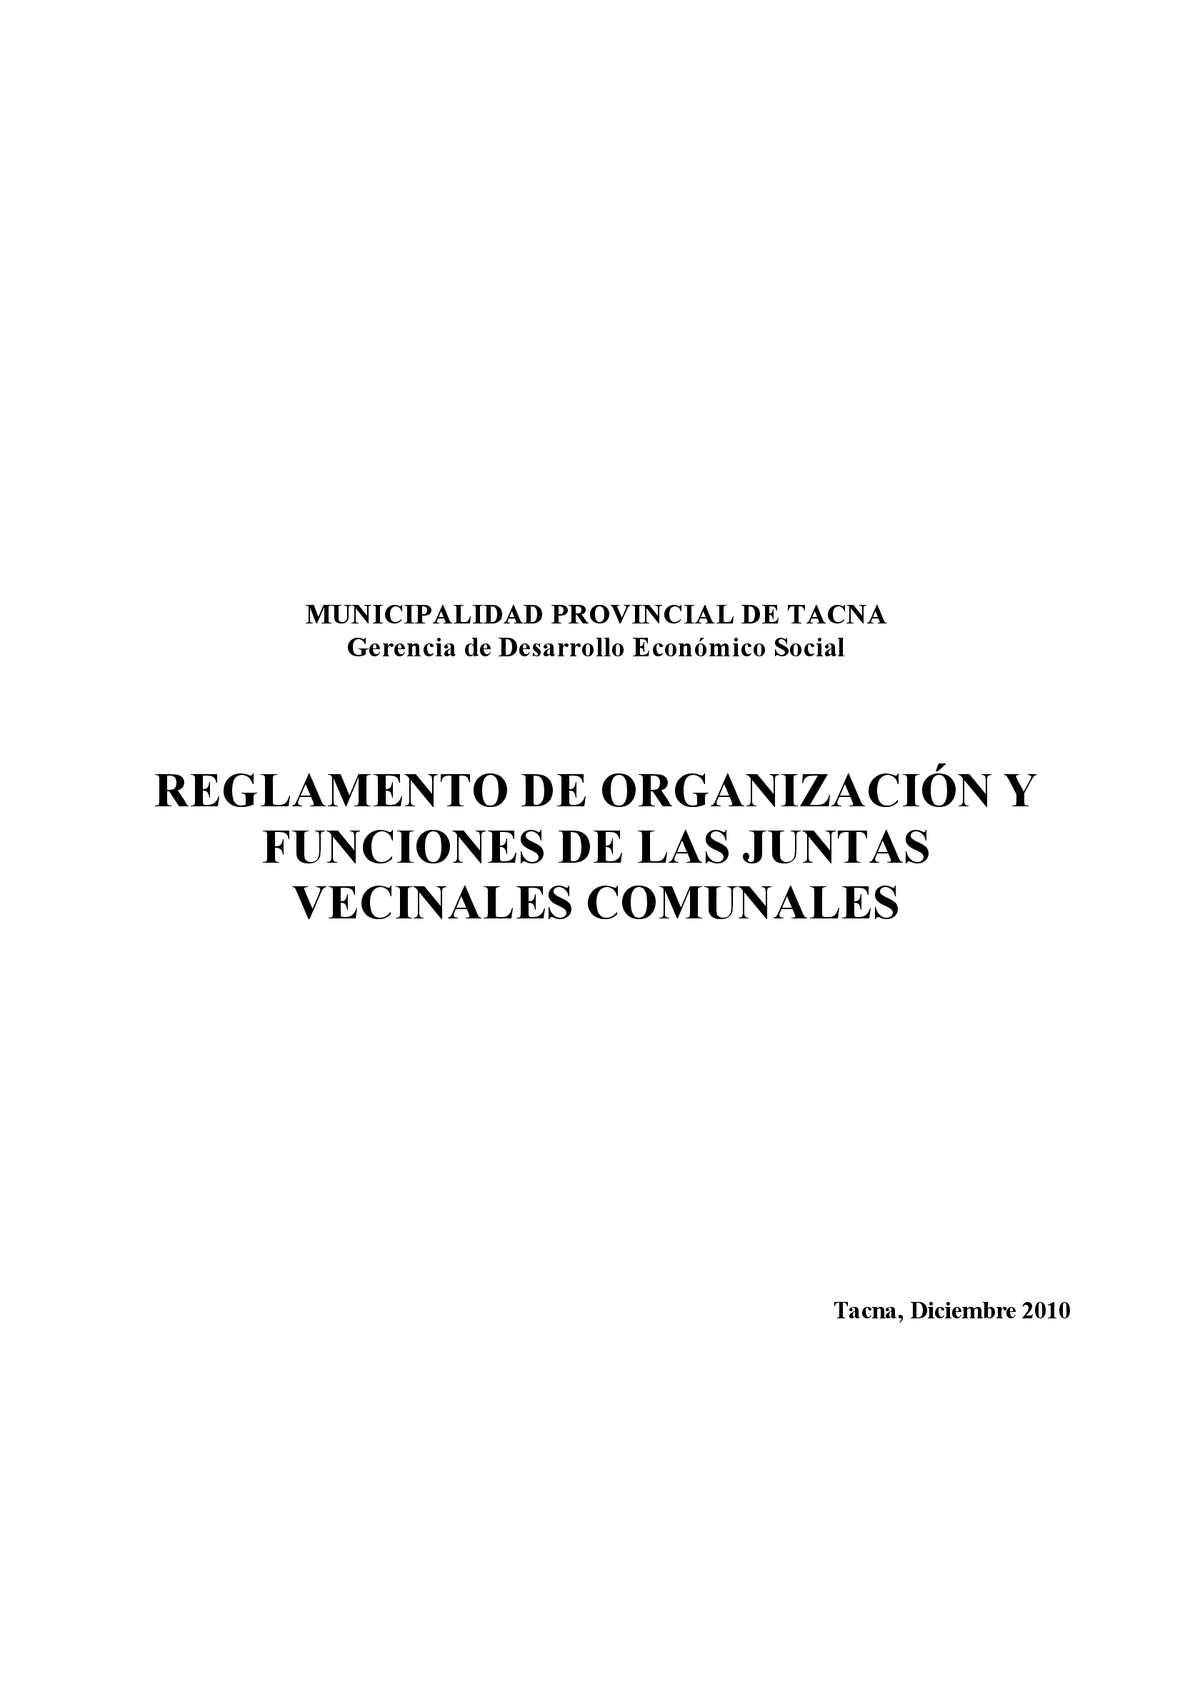 Reglamento de Organizacion y Funciones de las Juntas Vecinales